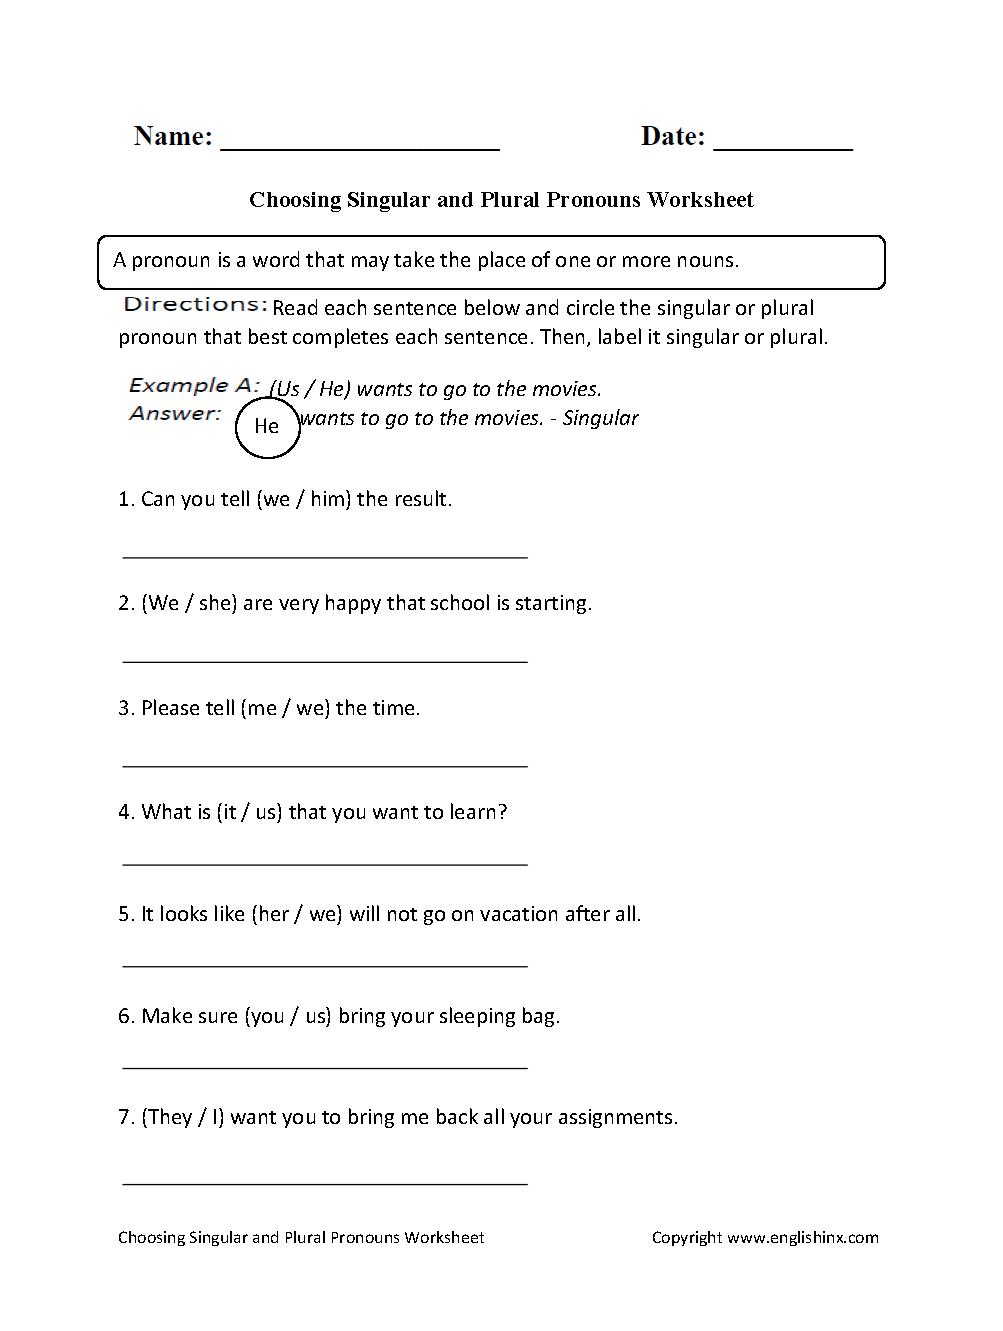 Choosing Singular Or Plural Pronouns Worksheet